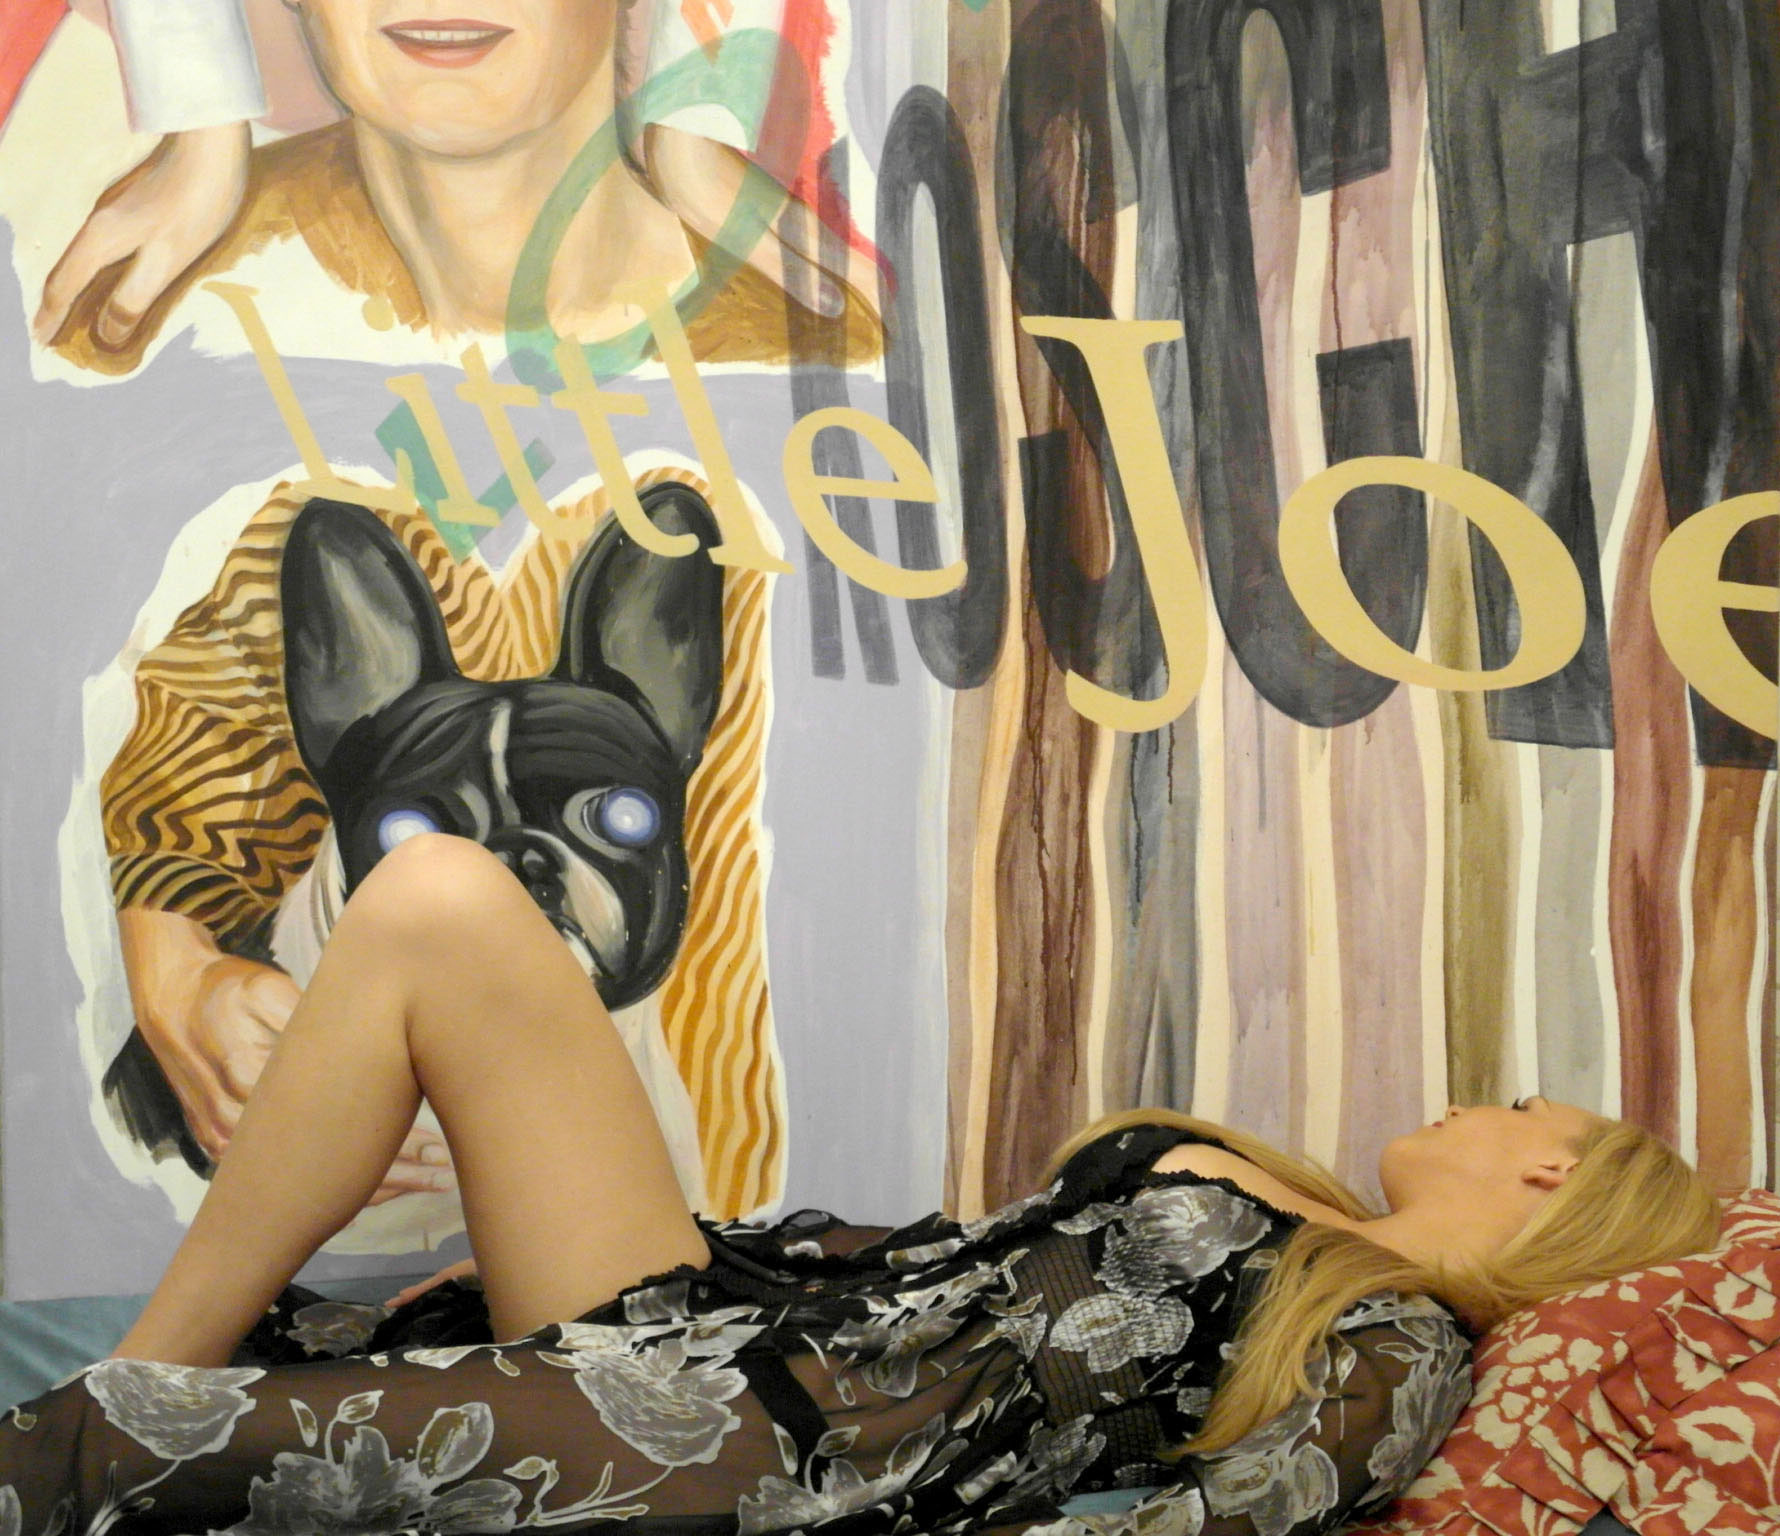 katryna martens im peignoir le coucher du soleil, IVR studio, 2014  painting_gunter reski  photo_josefne walther